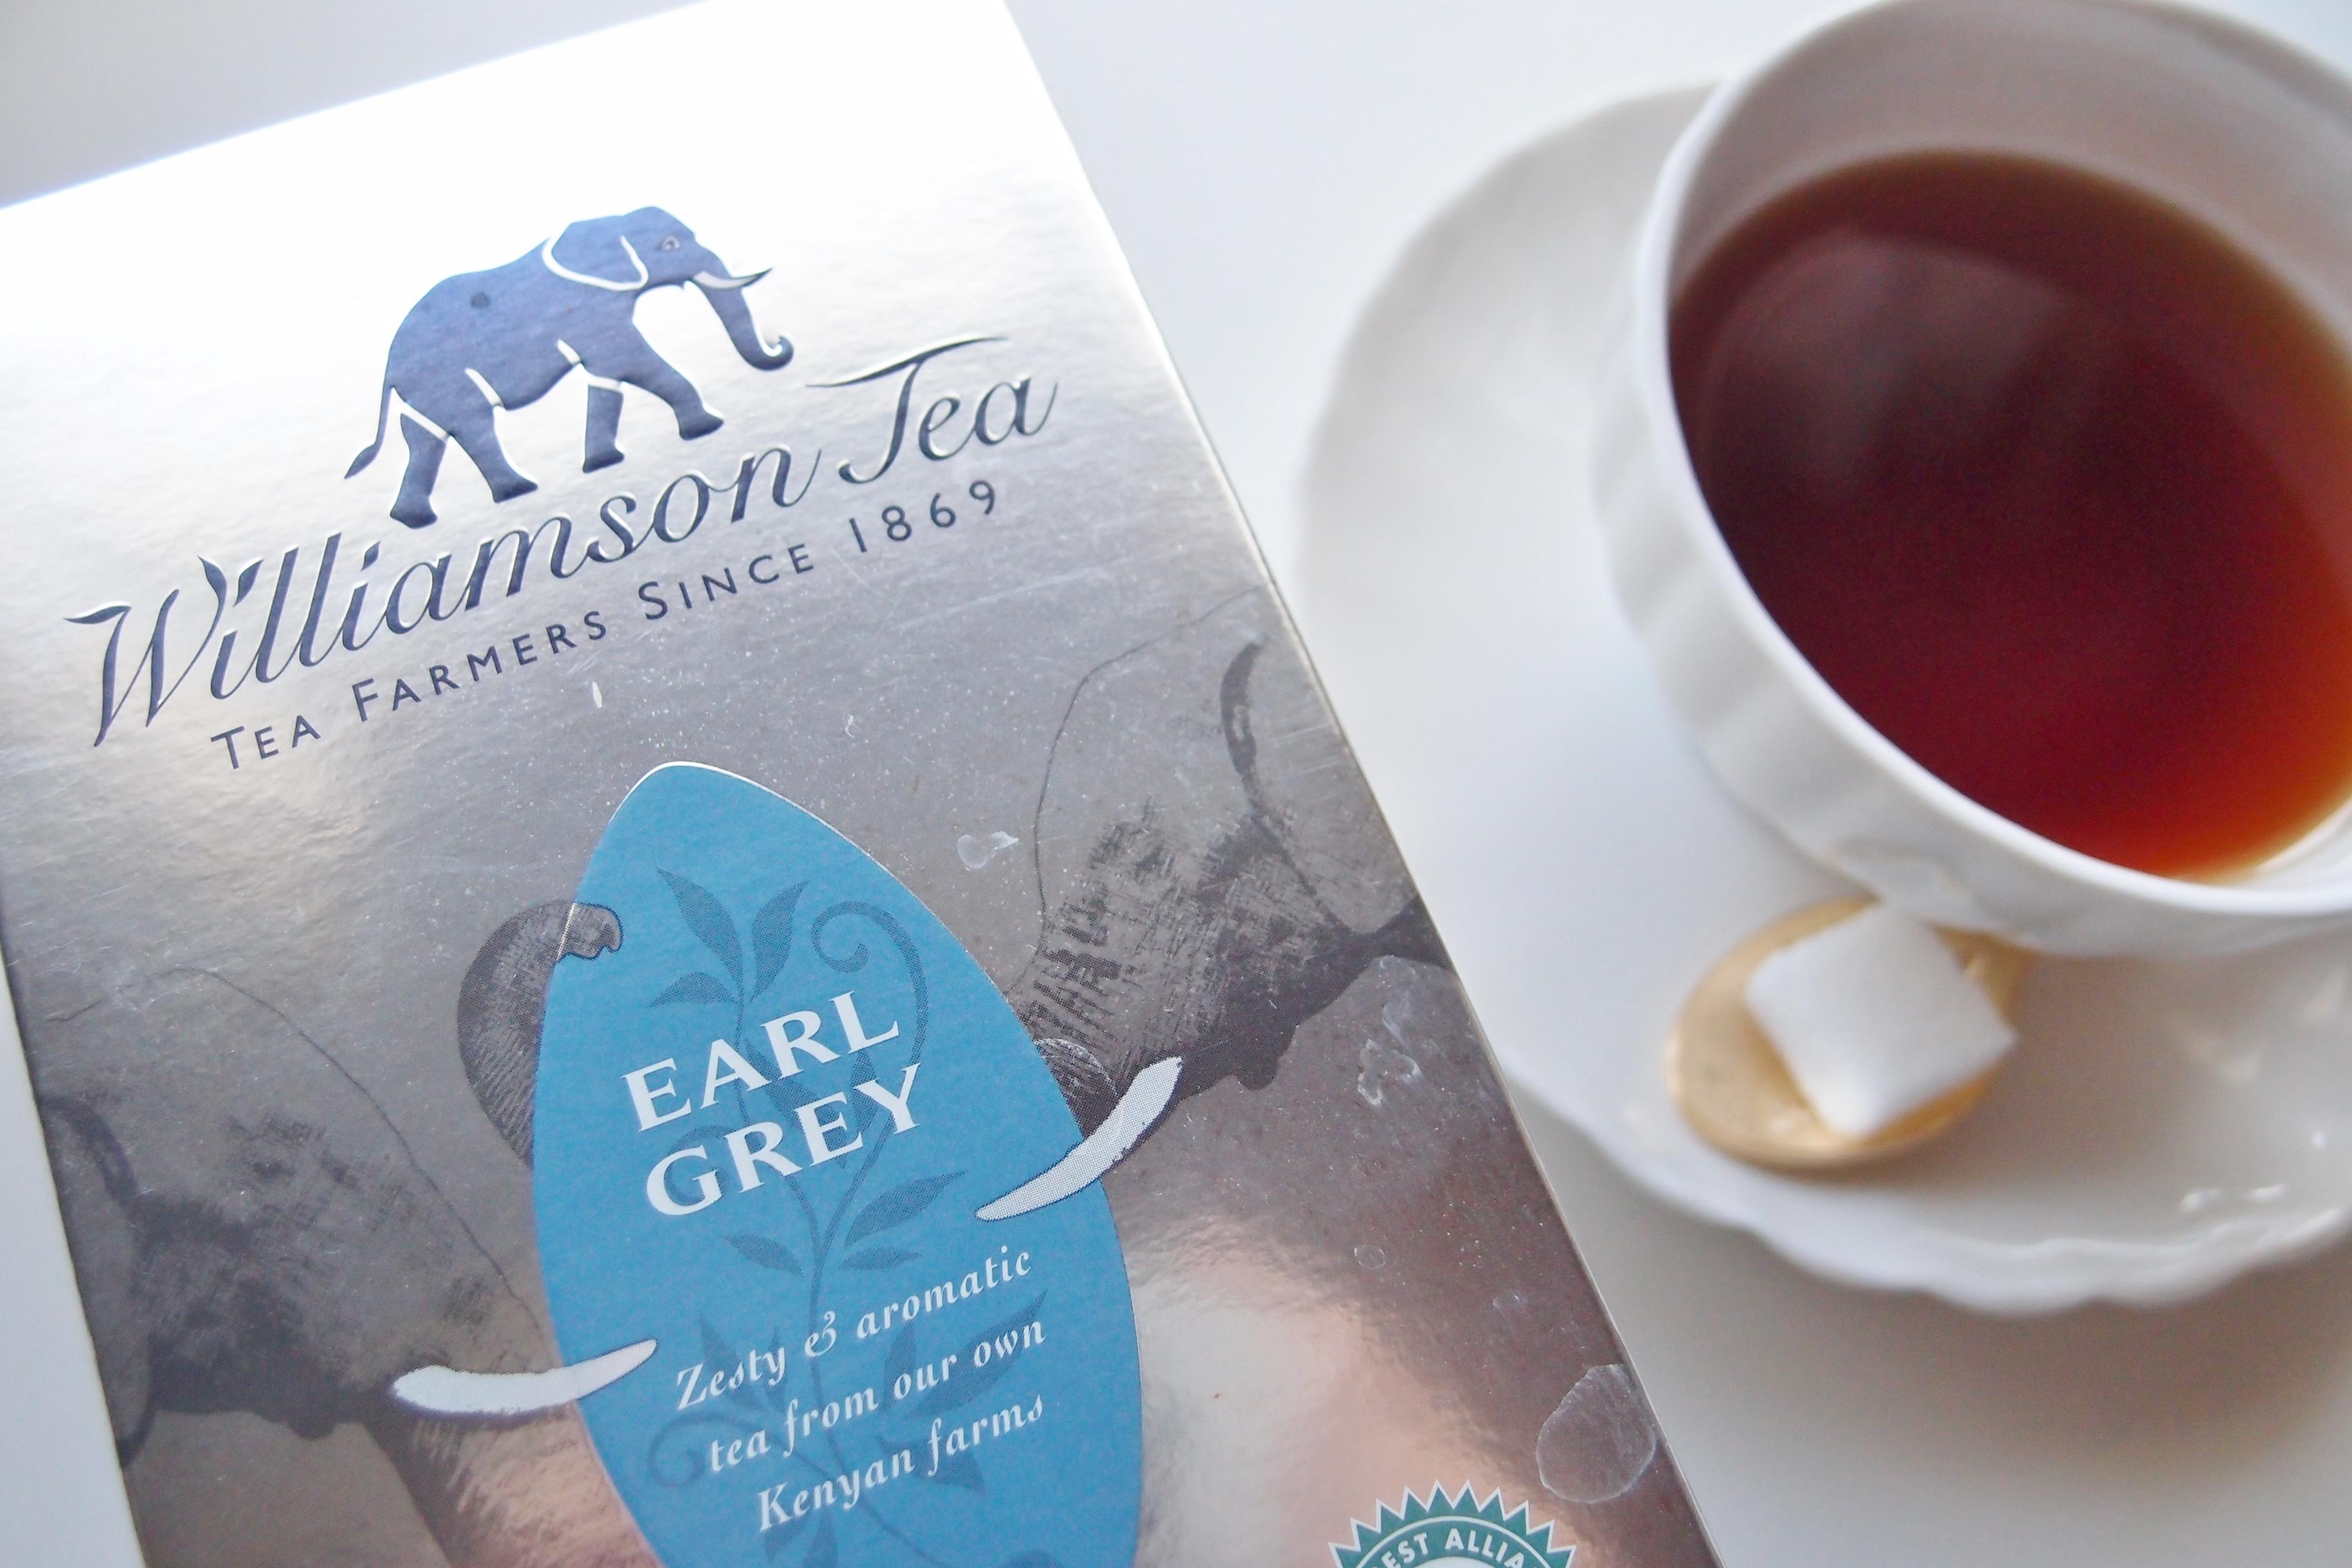 イギリスに行ったら、是非 Williamson Tea を飲んでみてください!